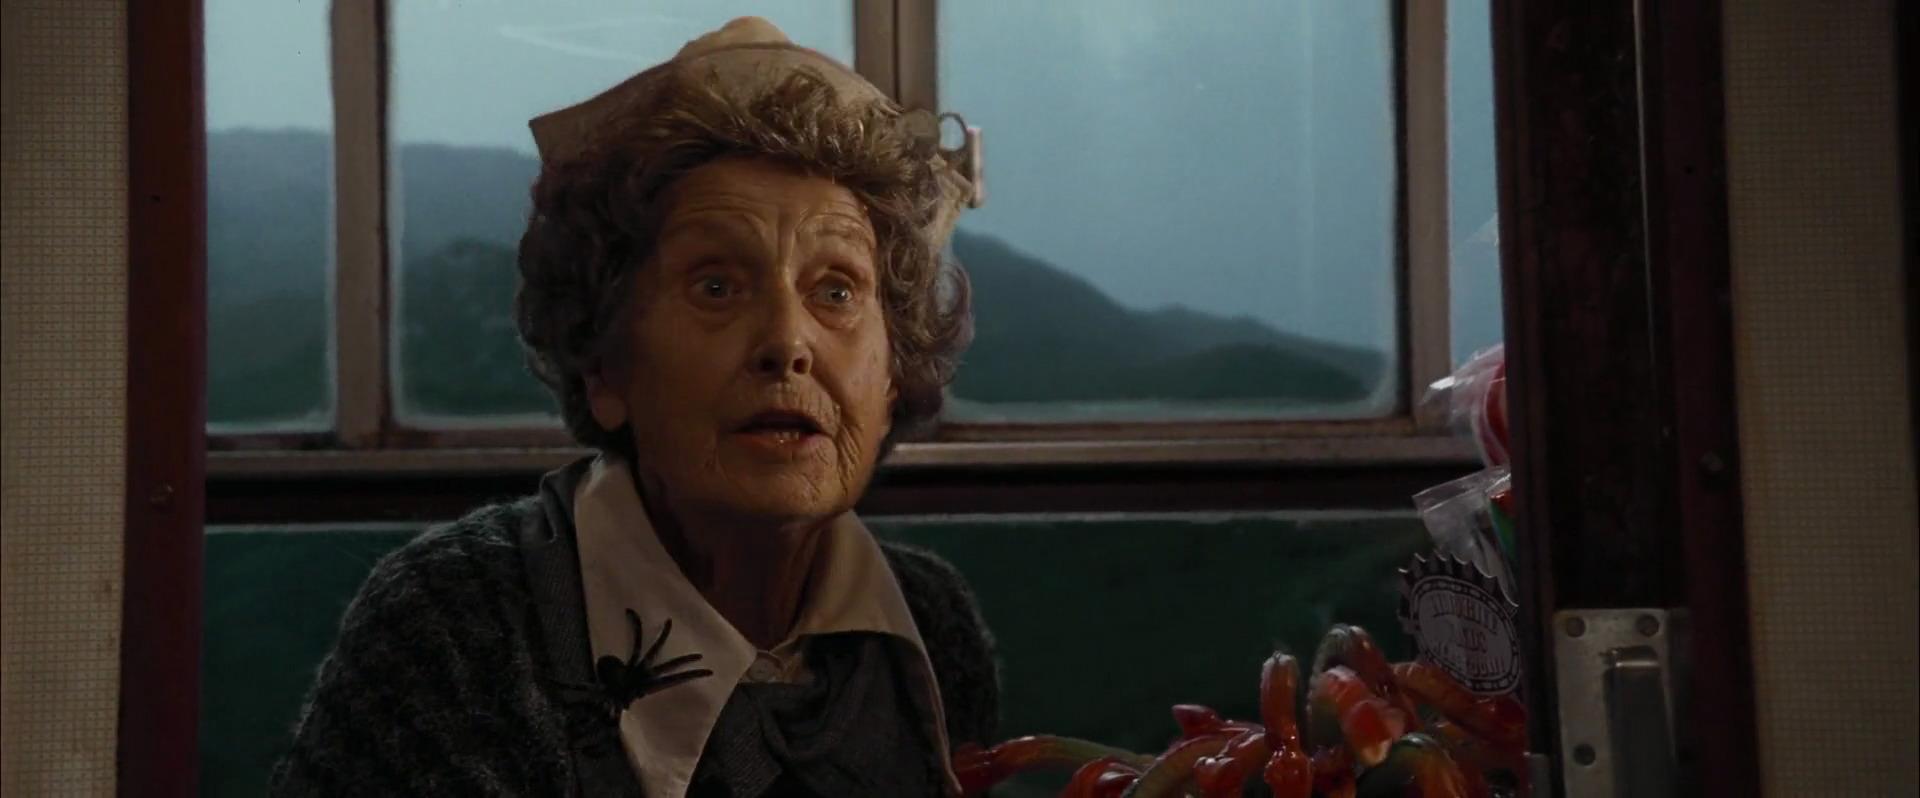 harry-potter-goblet-of-fire-movie-screencaps_com-1539.jpg